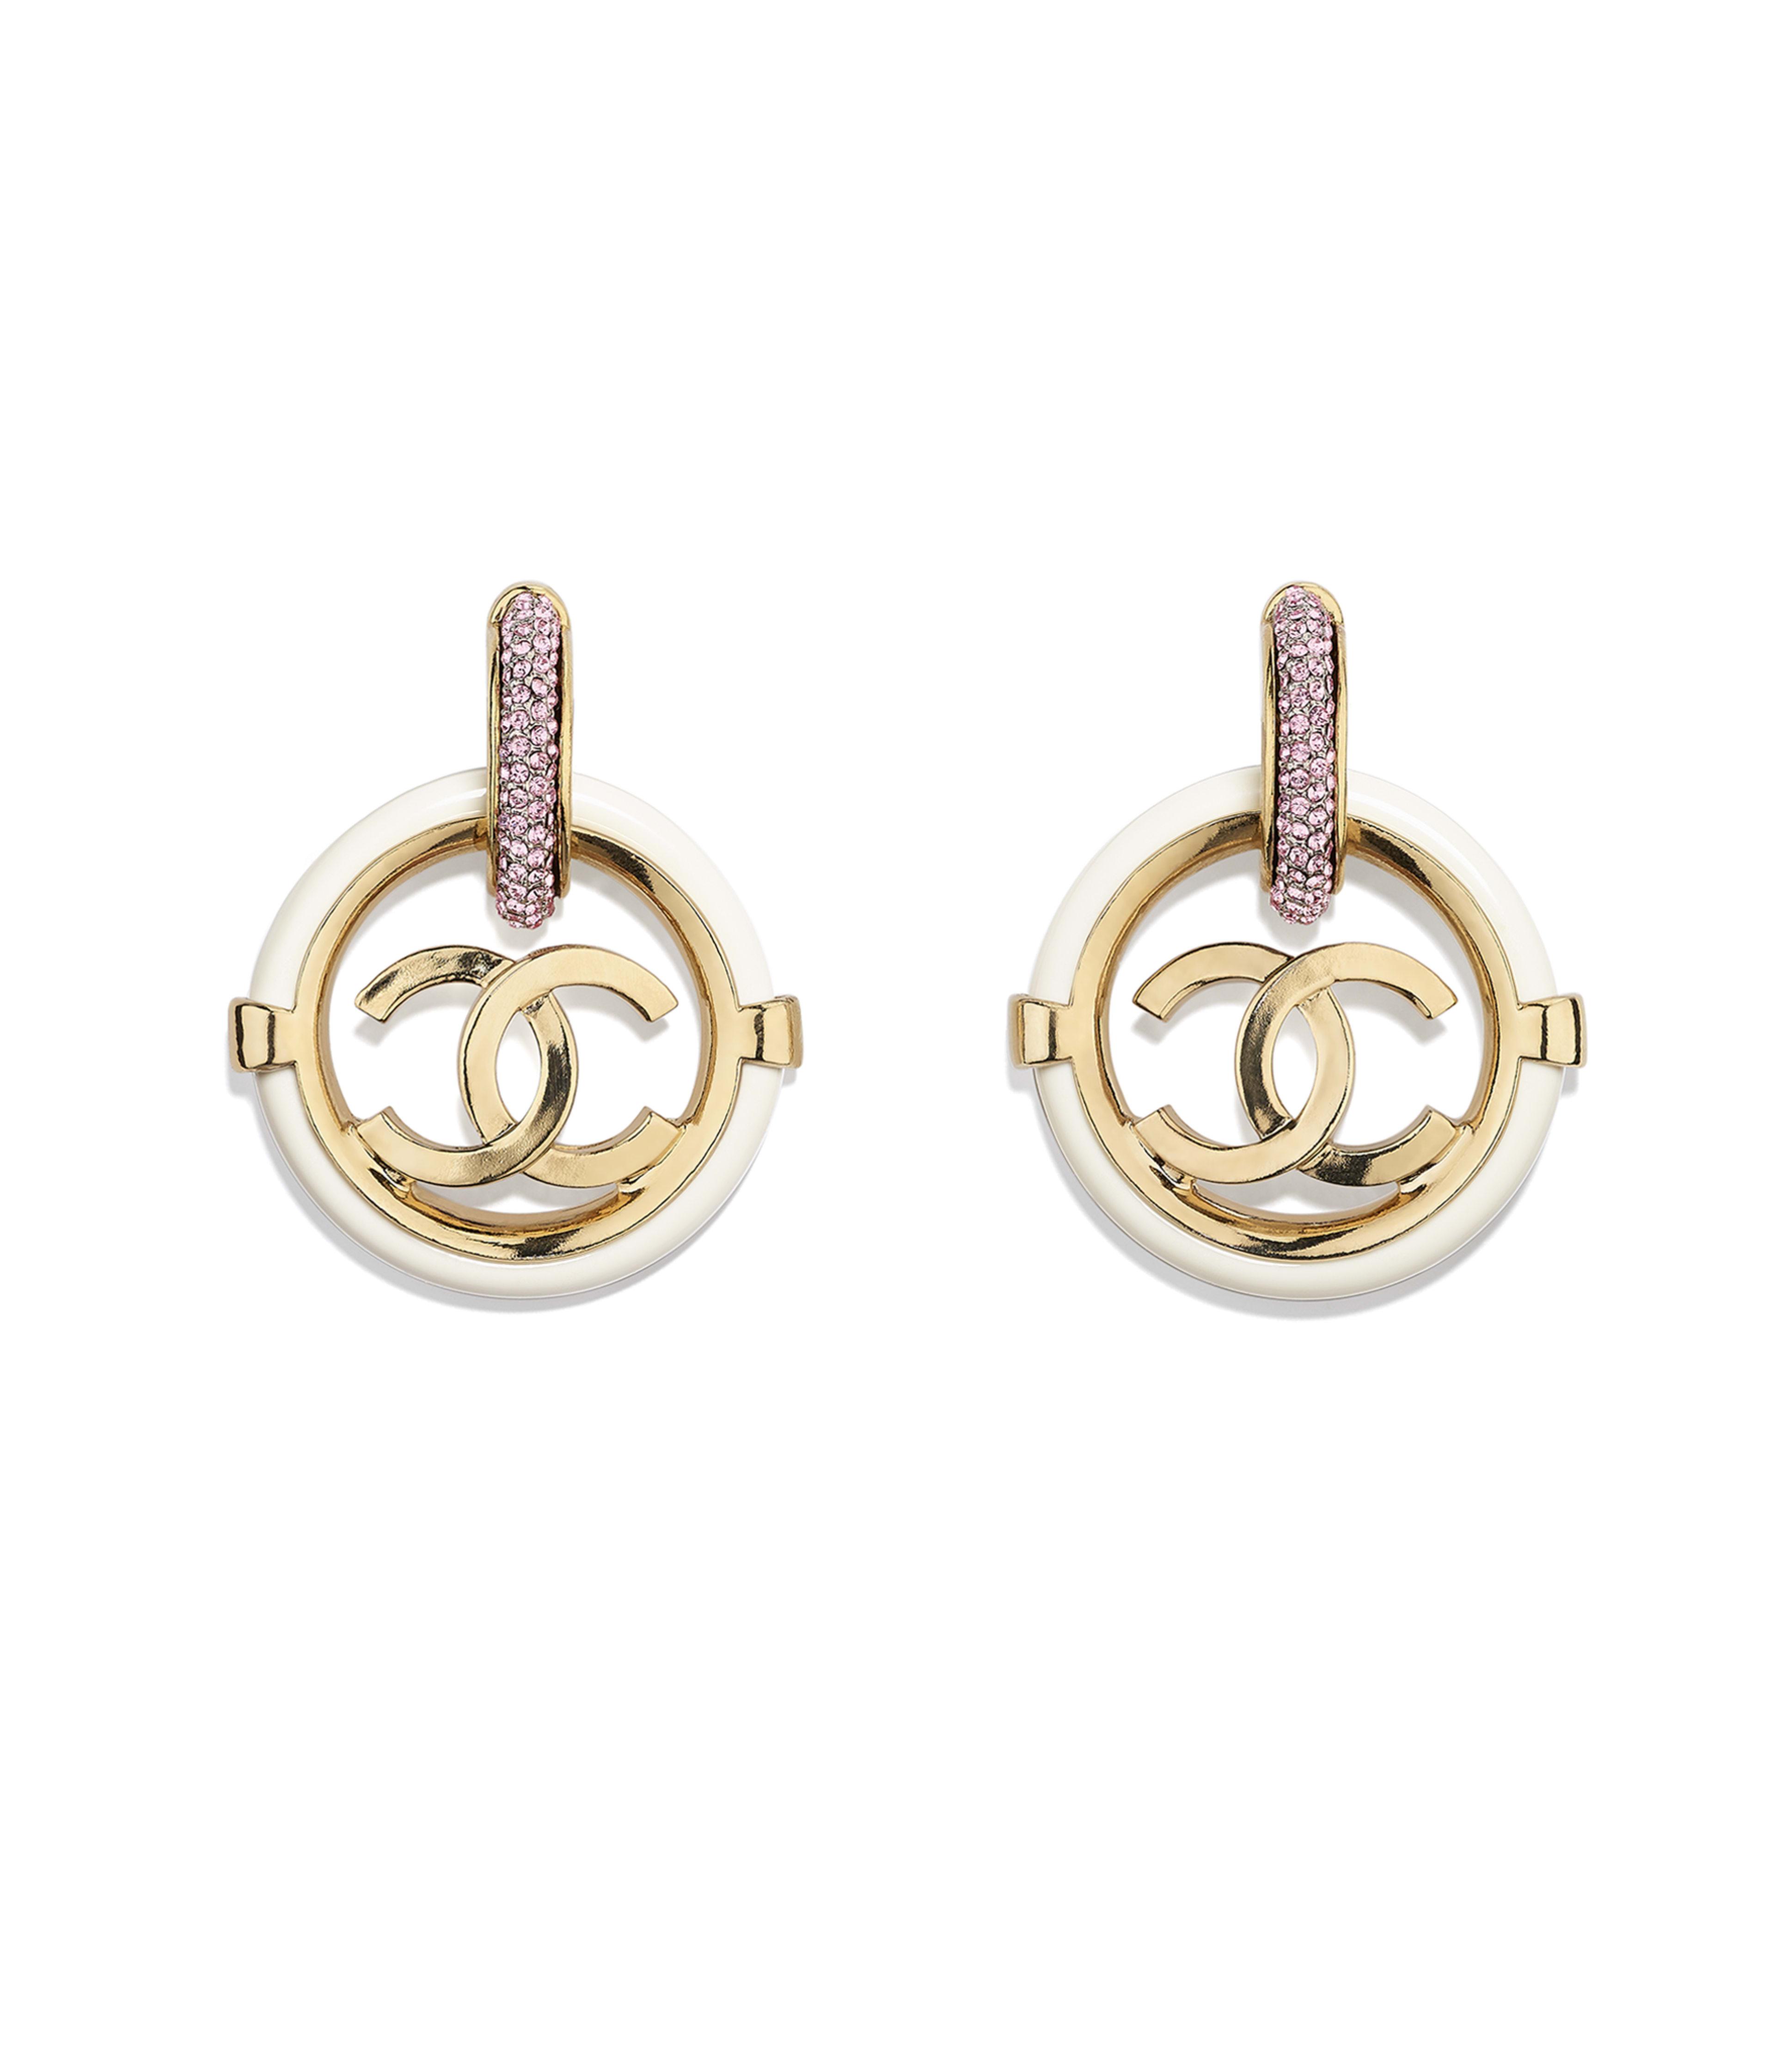 Earrings Metal Resin Str Gold White Pink Ref Ab1308y47633z5540